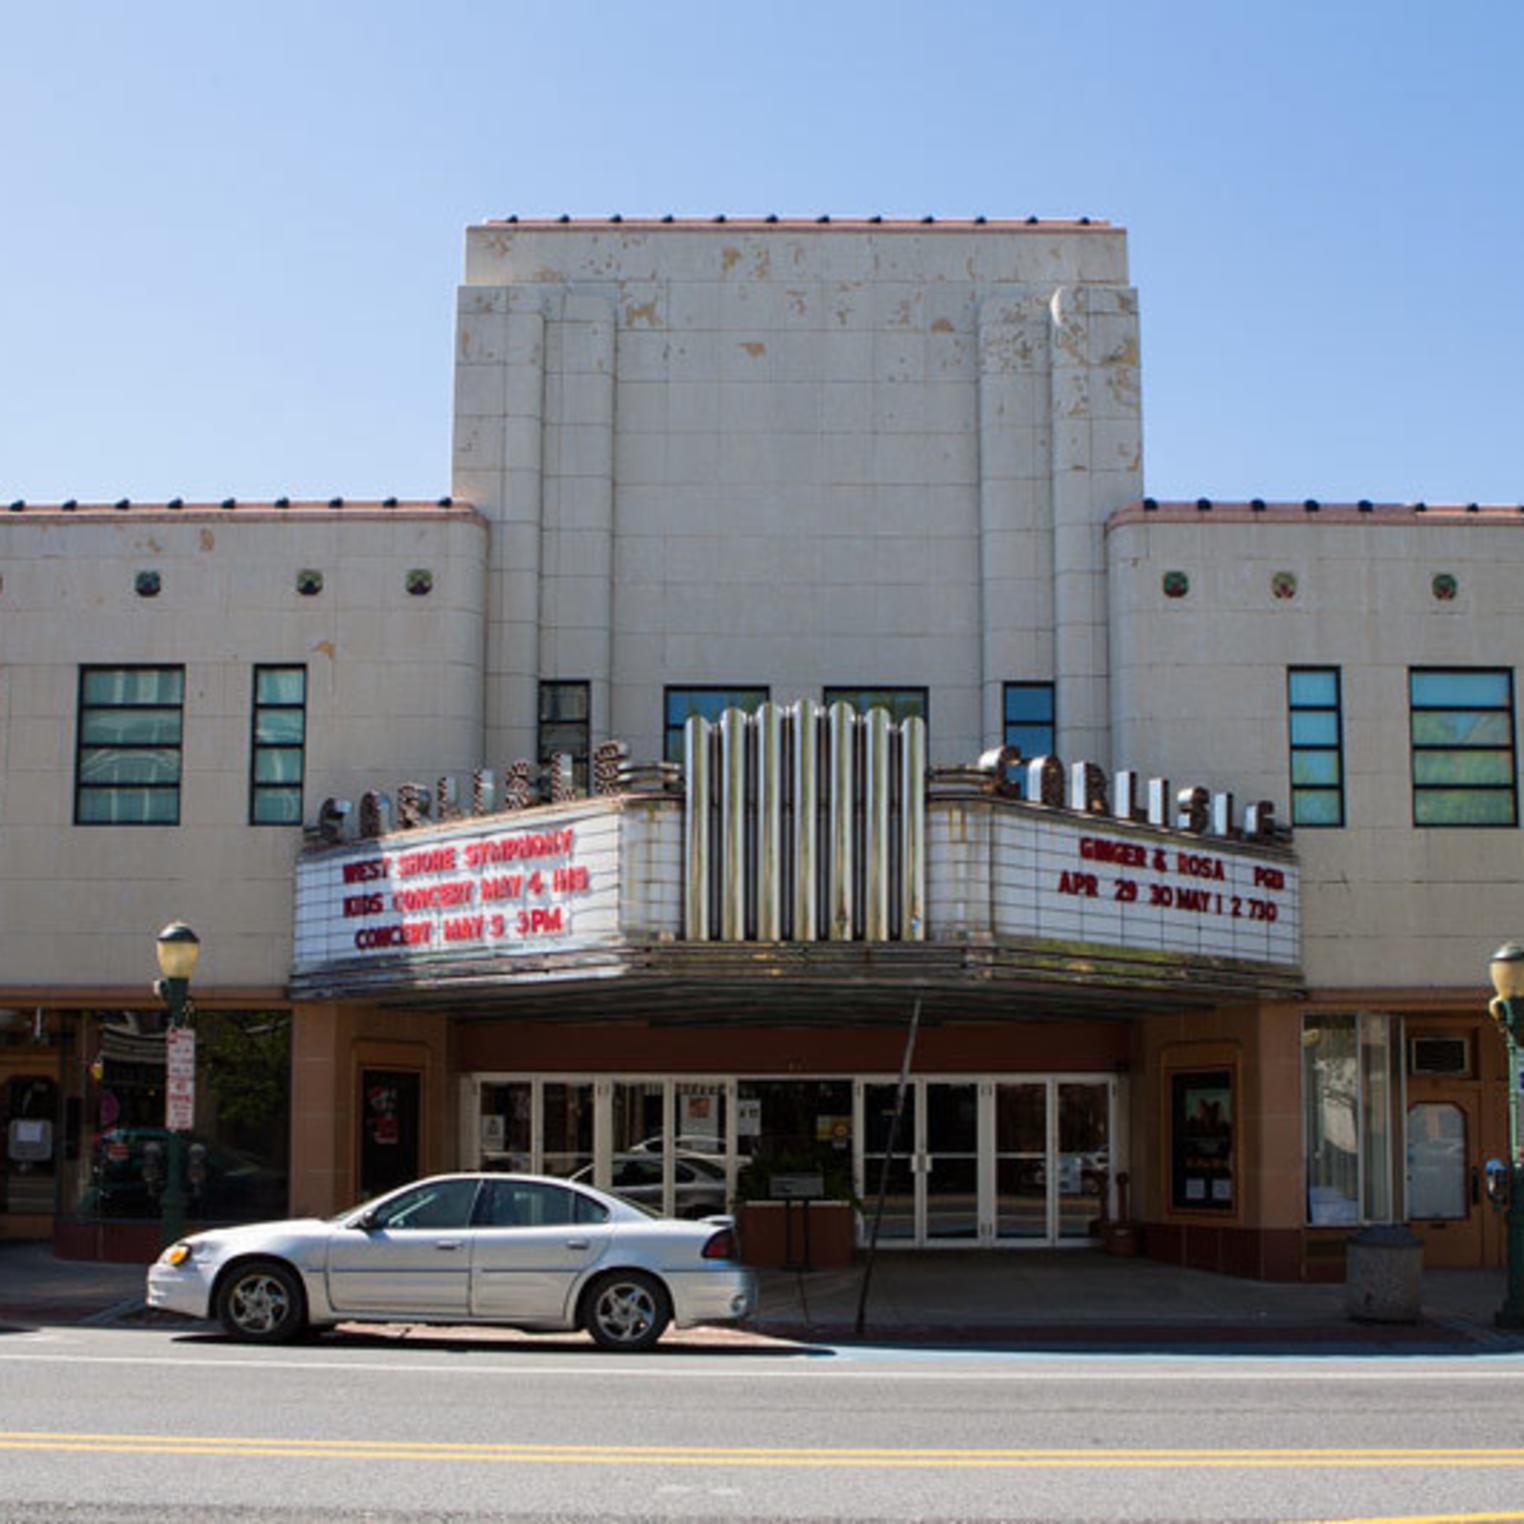 Carlisle Theatre Exterior